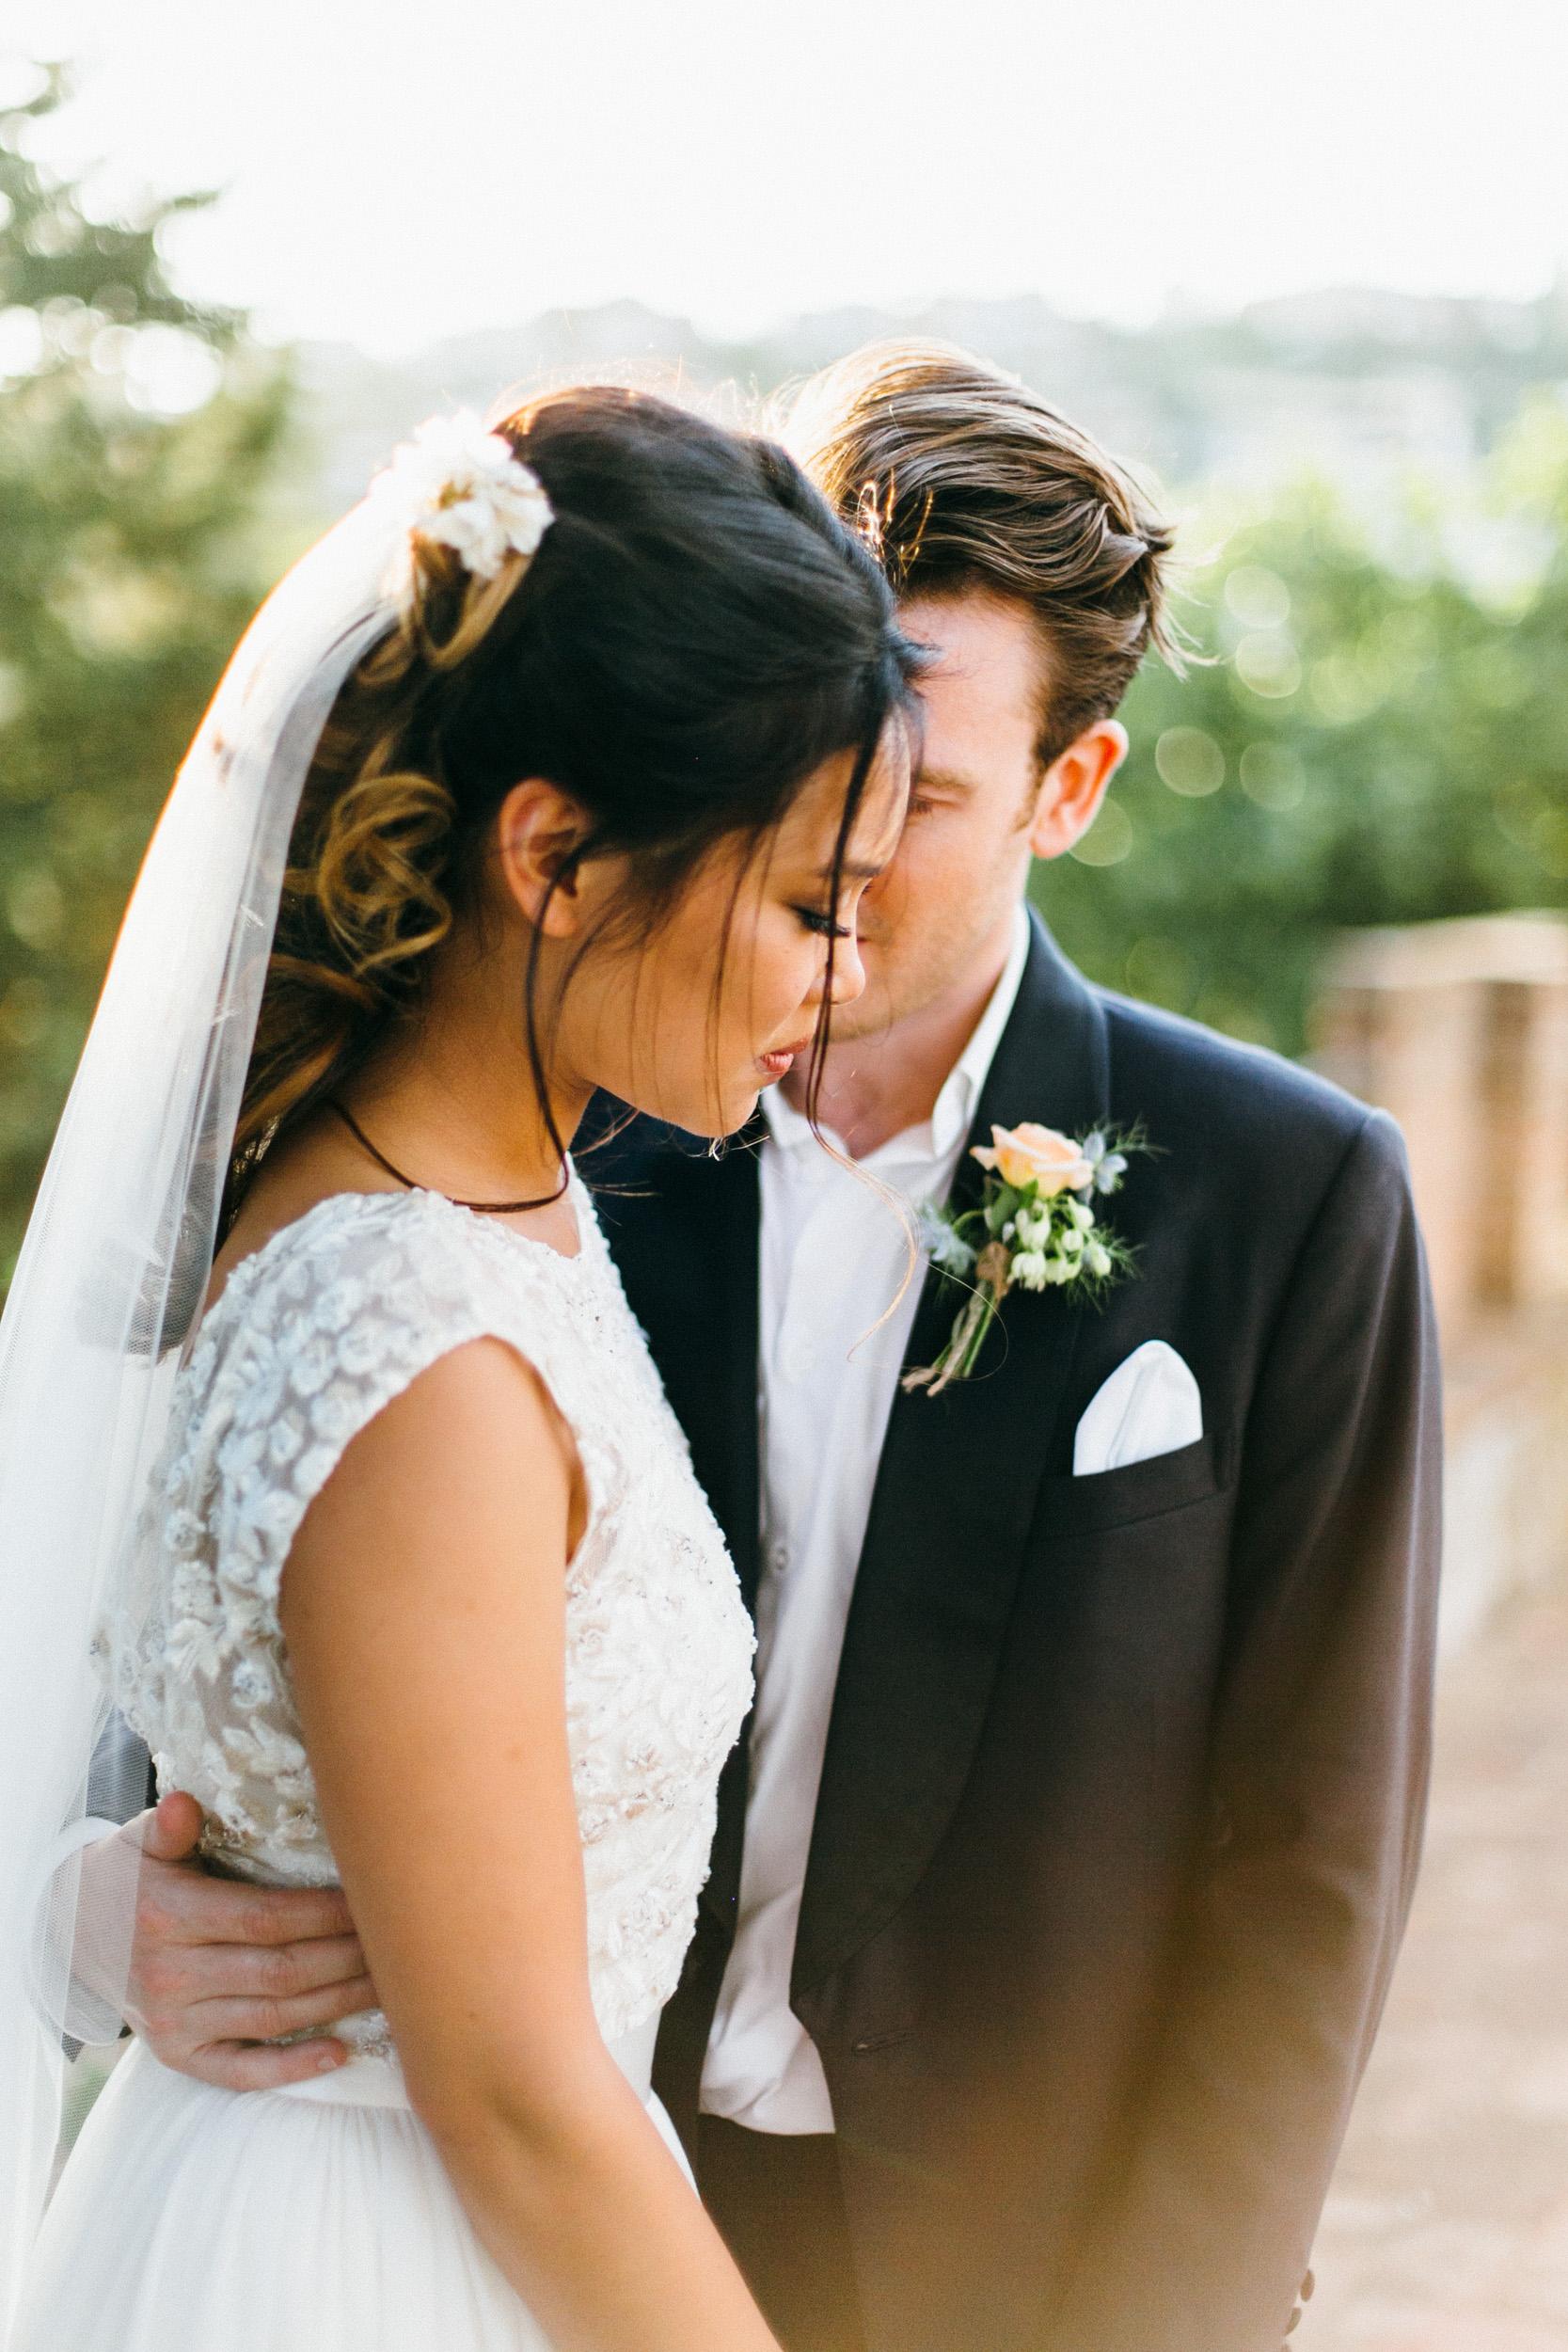 fotografos_boda_wedding_barcelona_valencia108.jpg